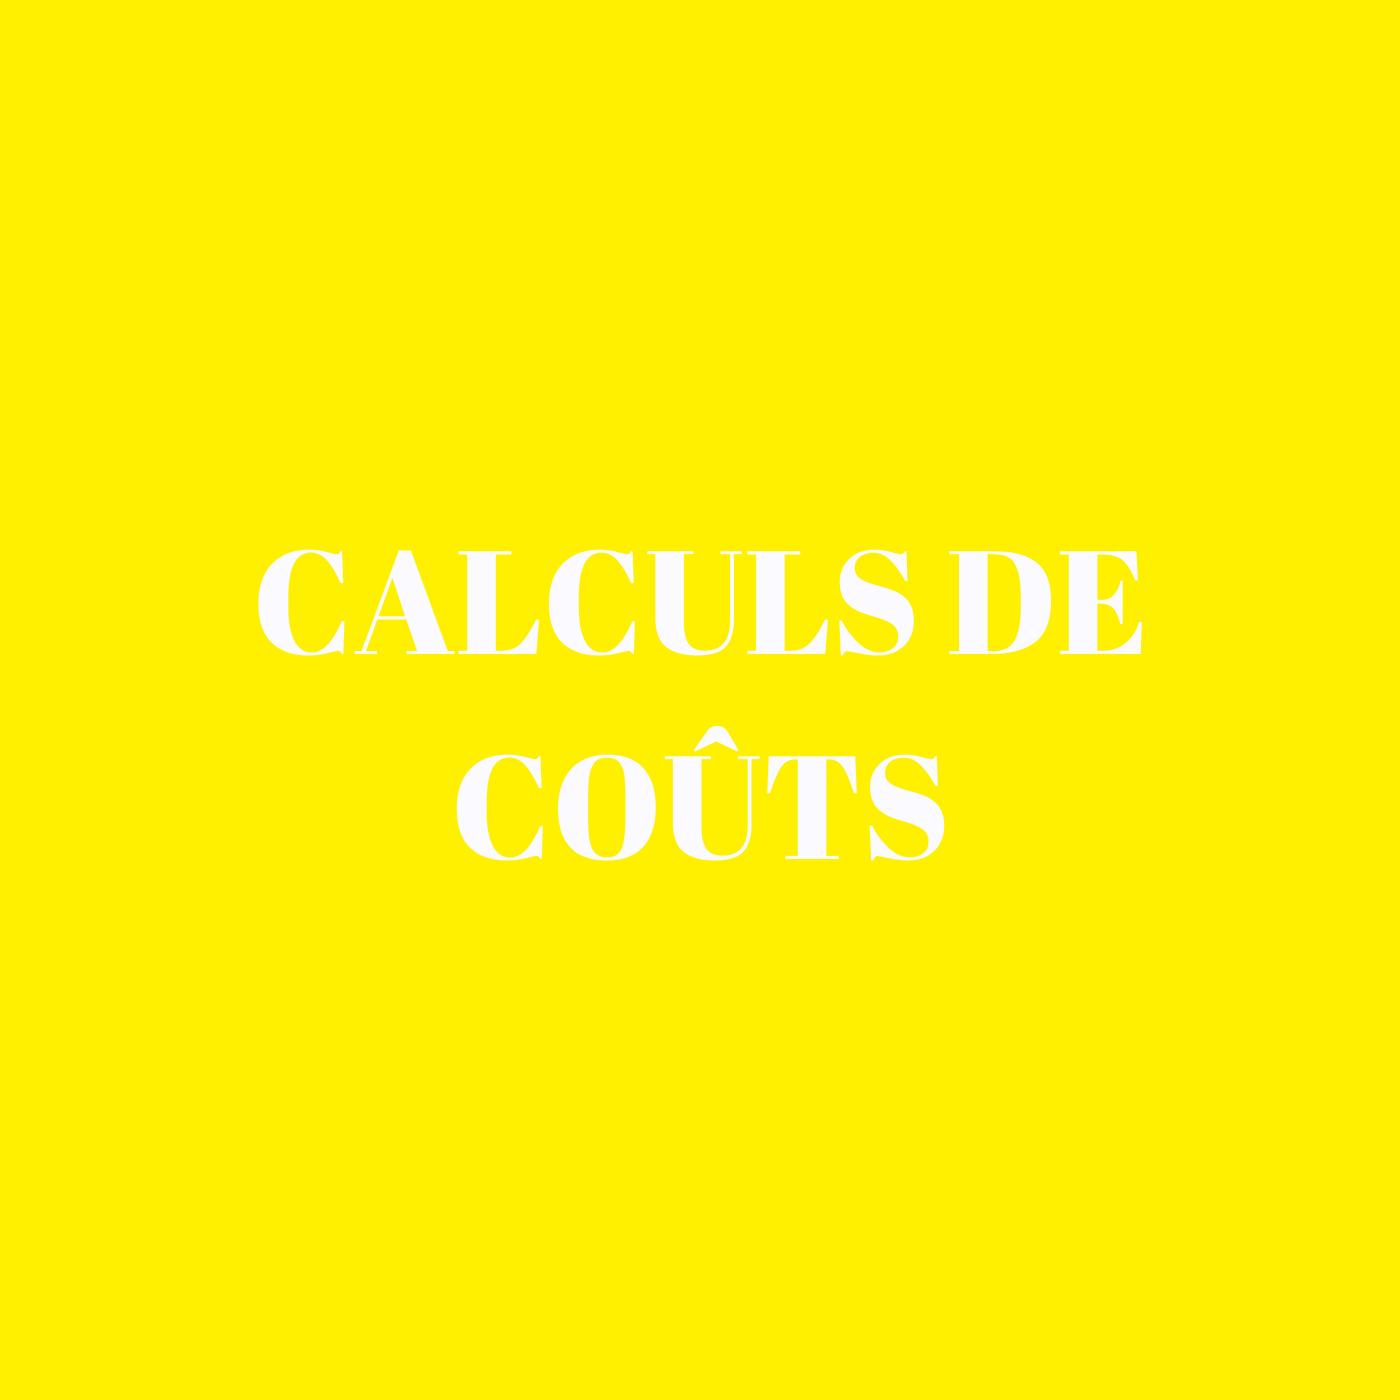 Calculs de coûts